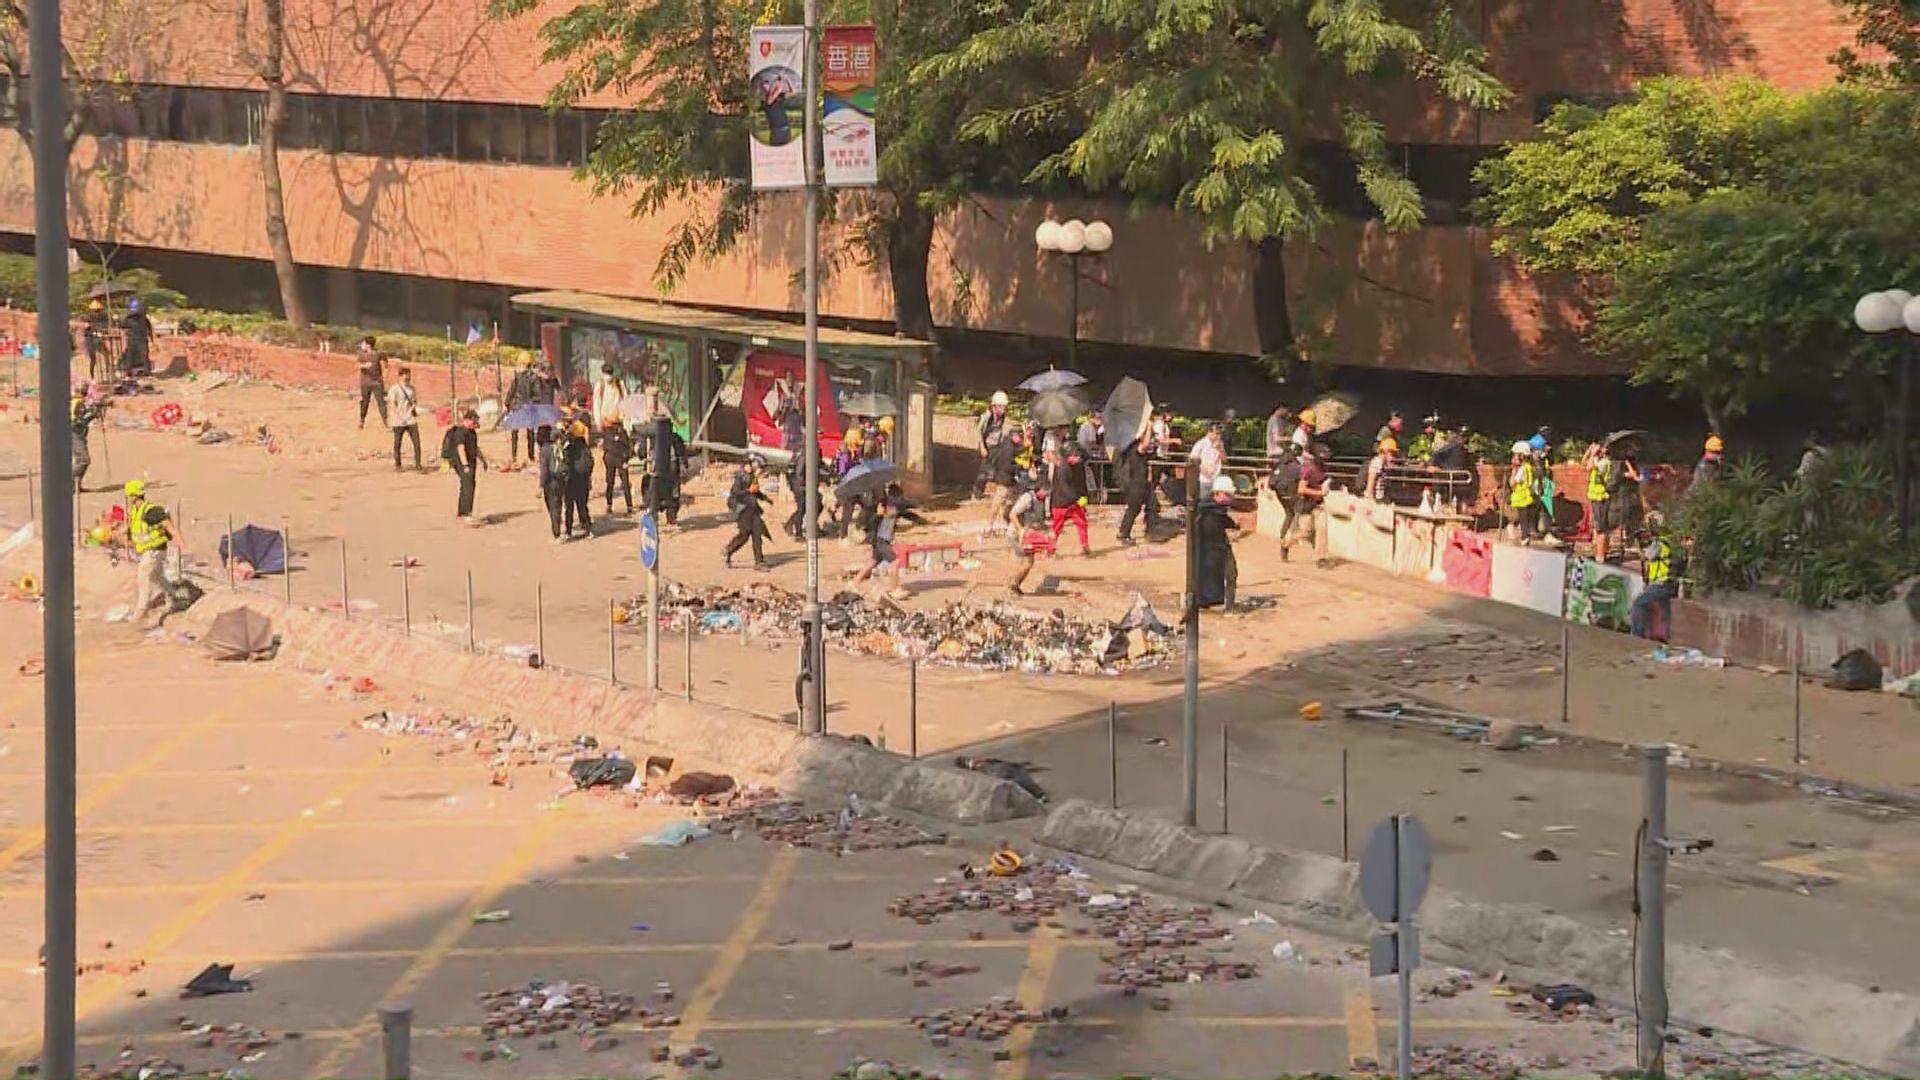 理大衝突警拘25人涉非法集結及藏攻擊性武器